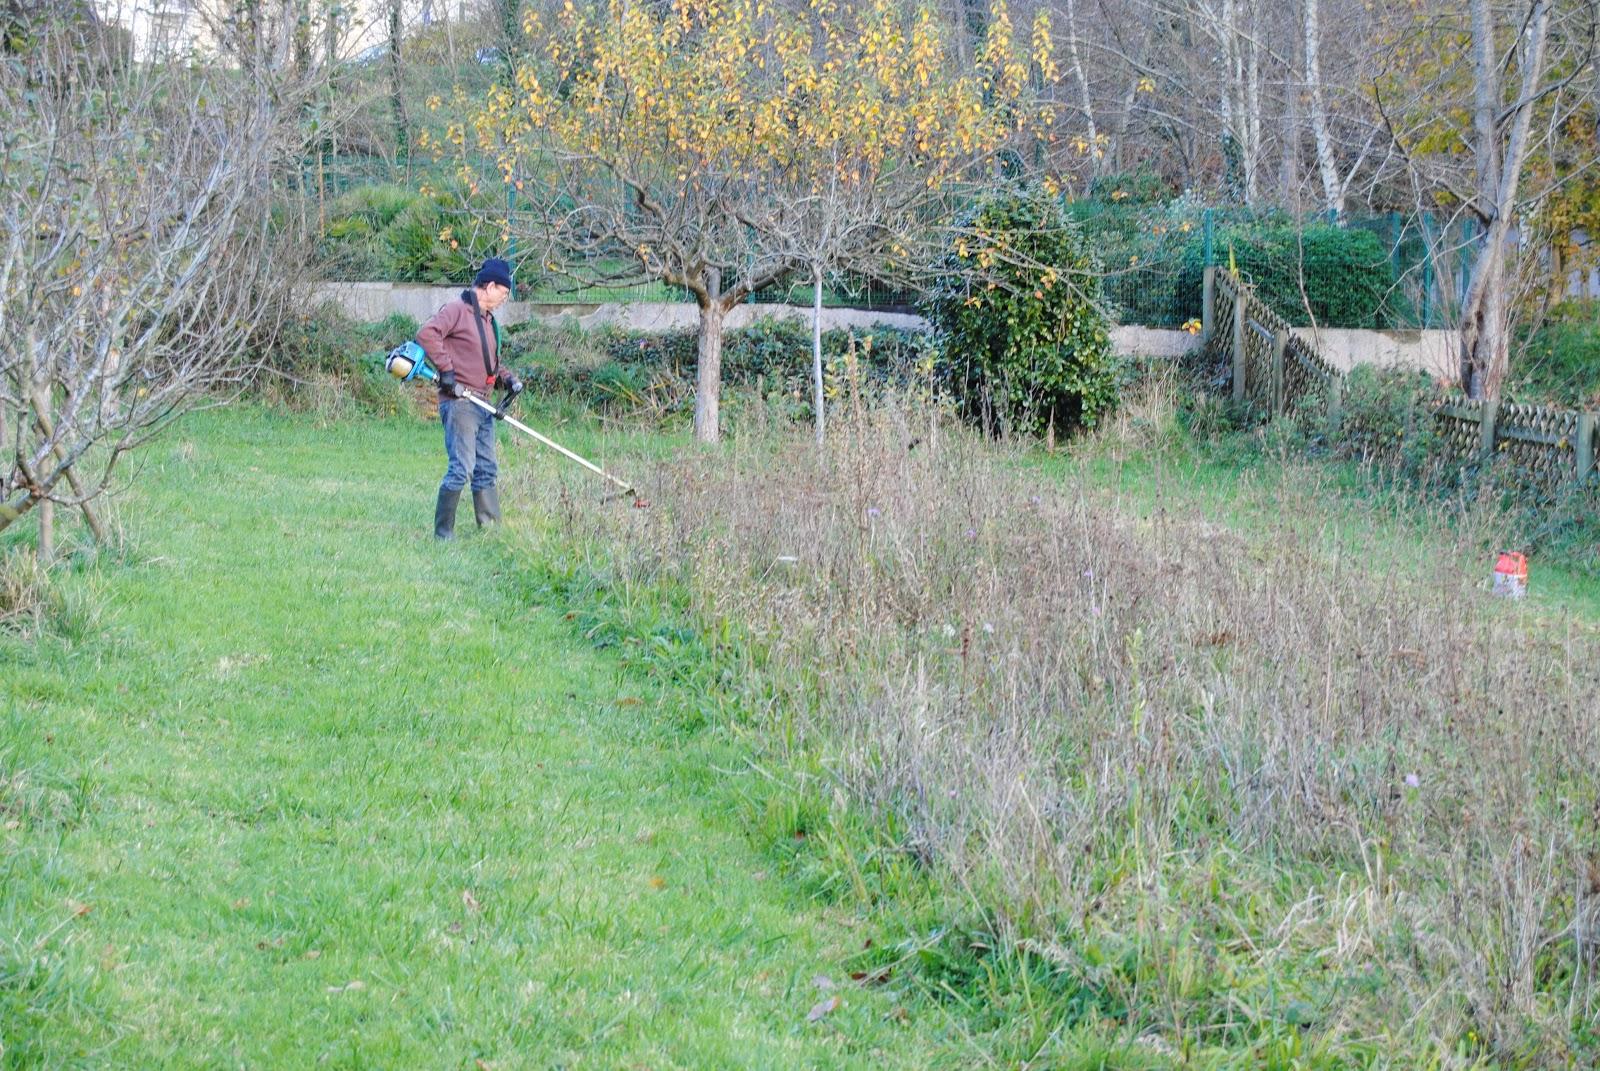 Horti quimper une journ e au vallon for Entretien jardin decembre